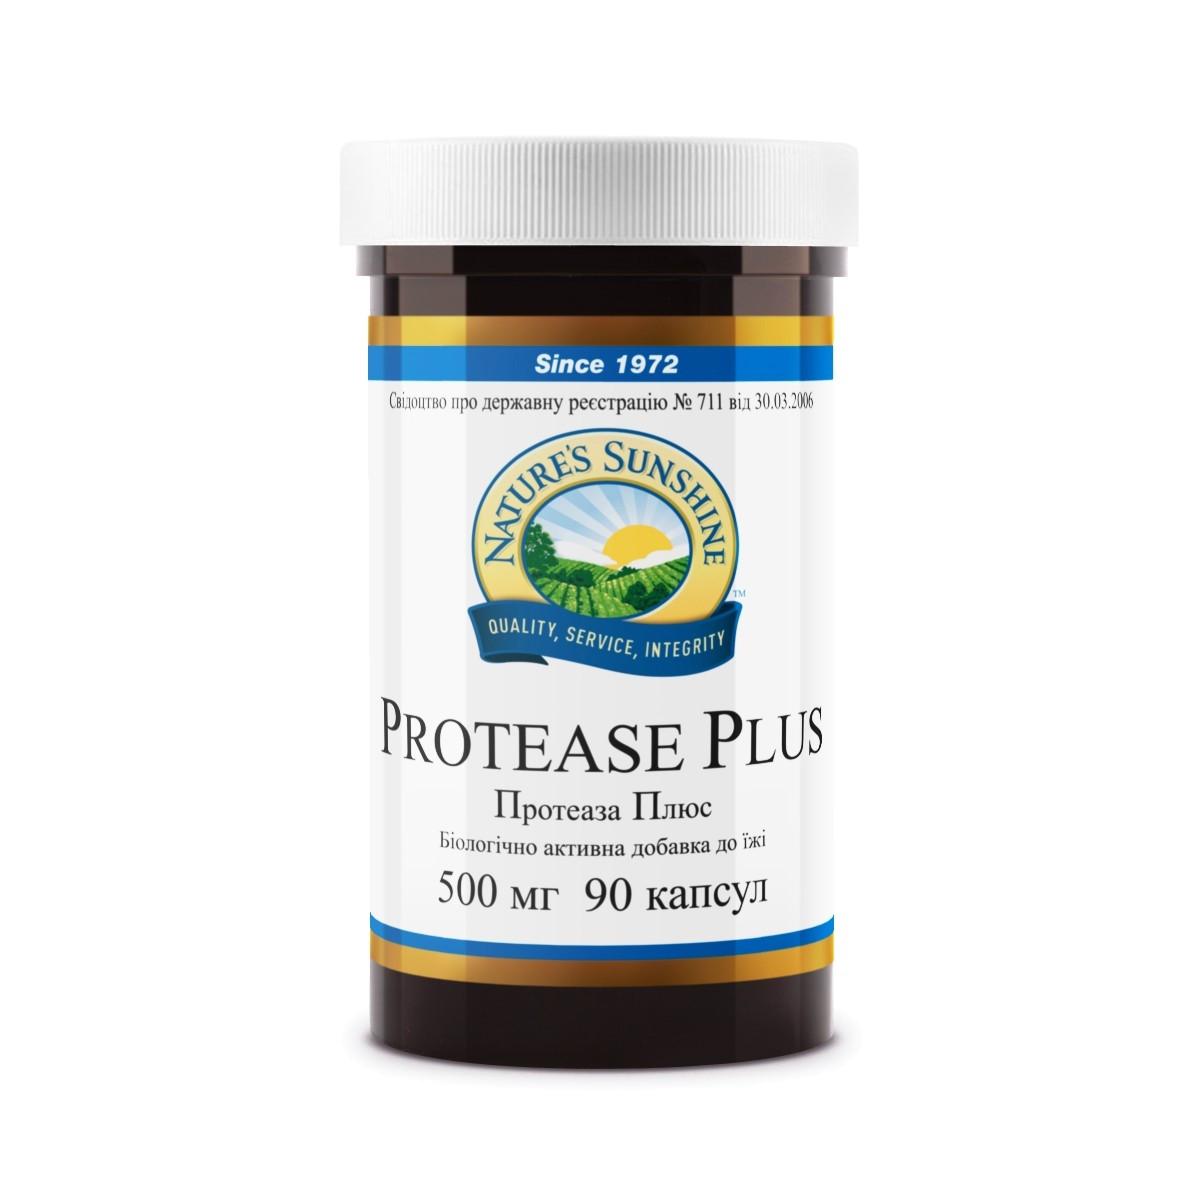 Протеолитические ферменты  - Протеаза плюс бад NSP- расщепляют белки, от полипов.